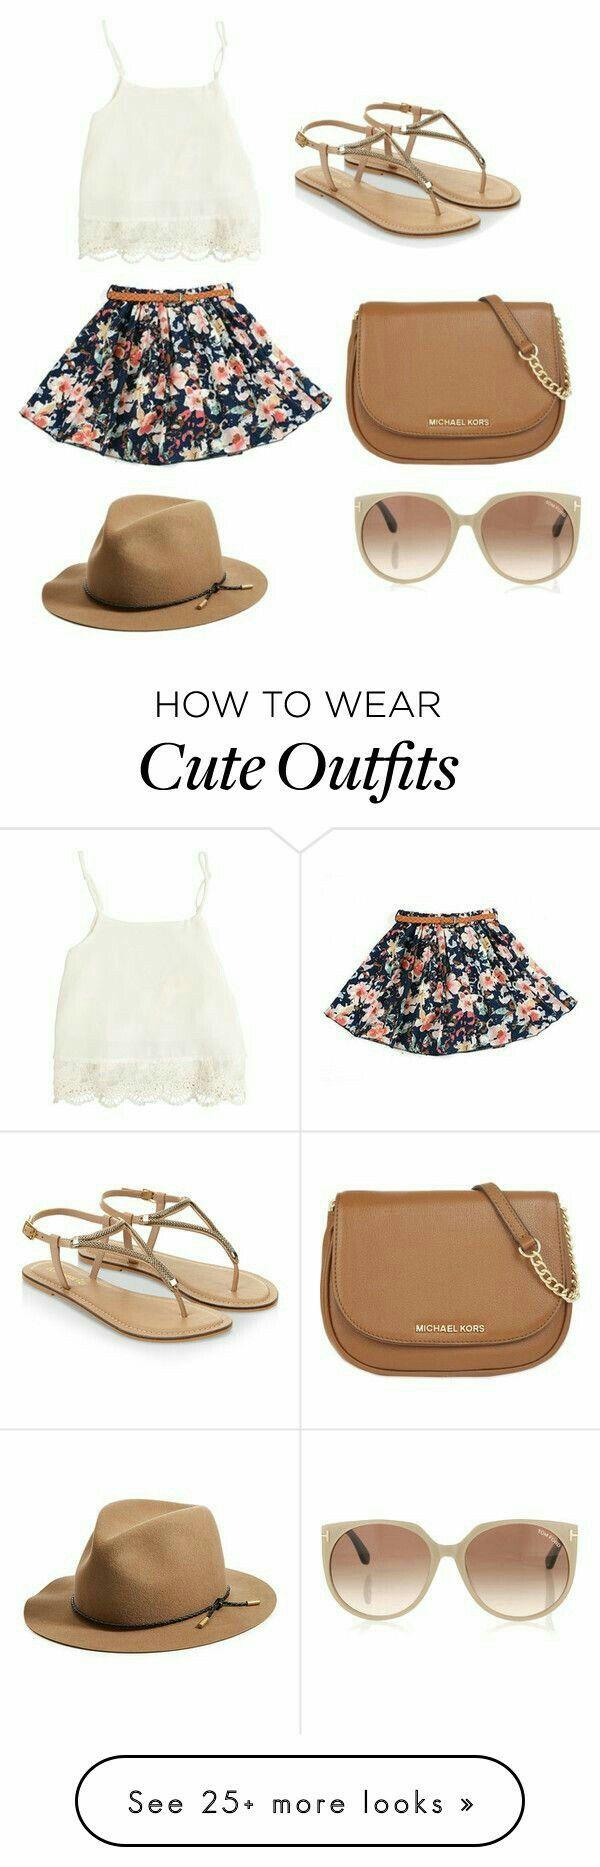 Outfit para primavera.  Tiempo de calor.  Falda corte A,crop blanco y sandalia cafe